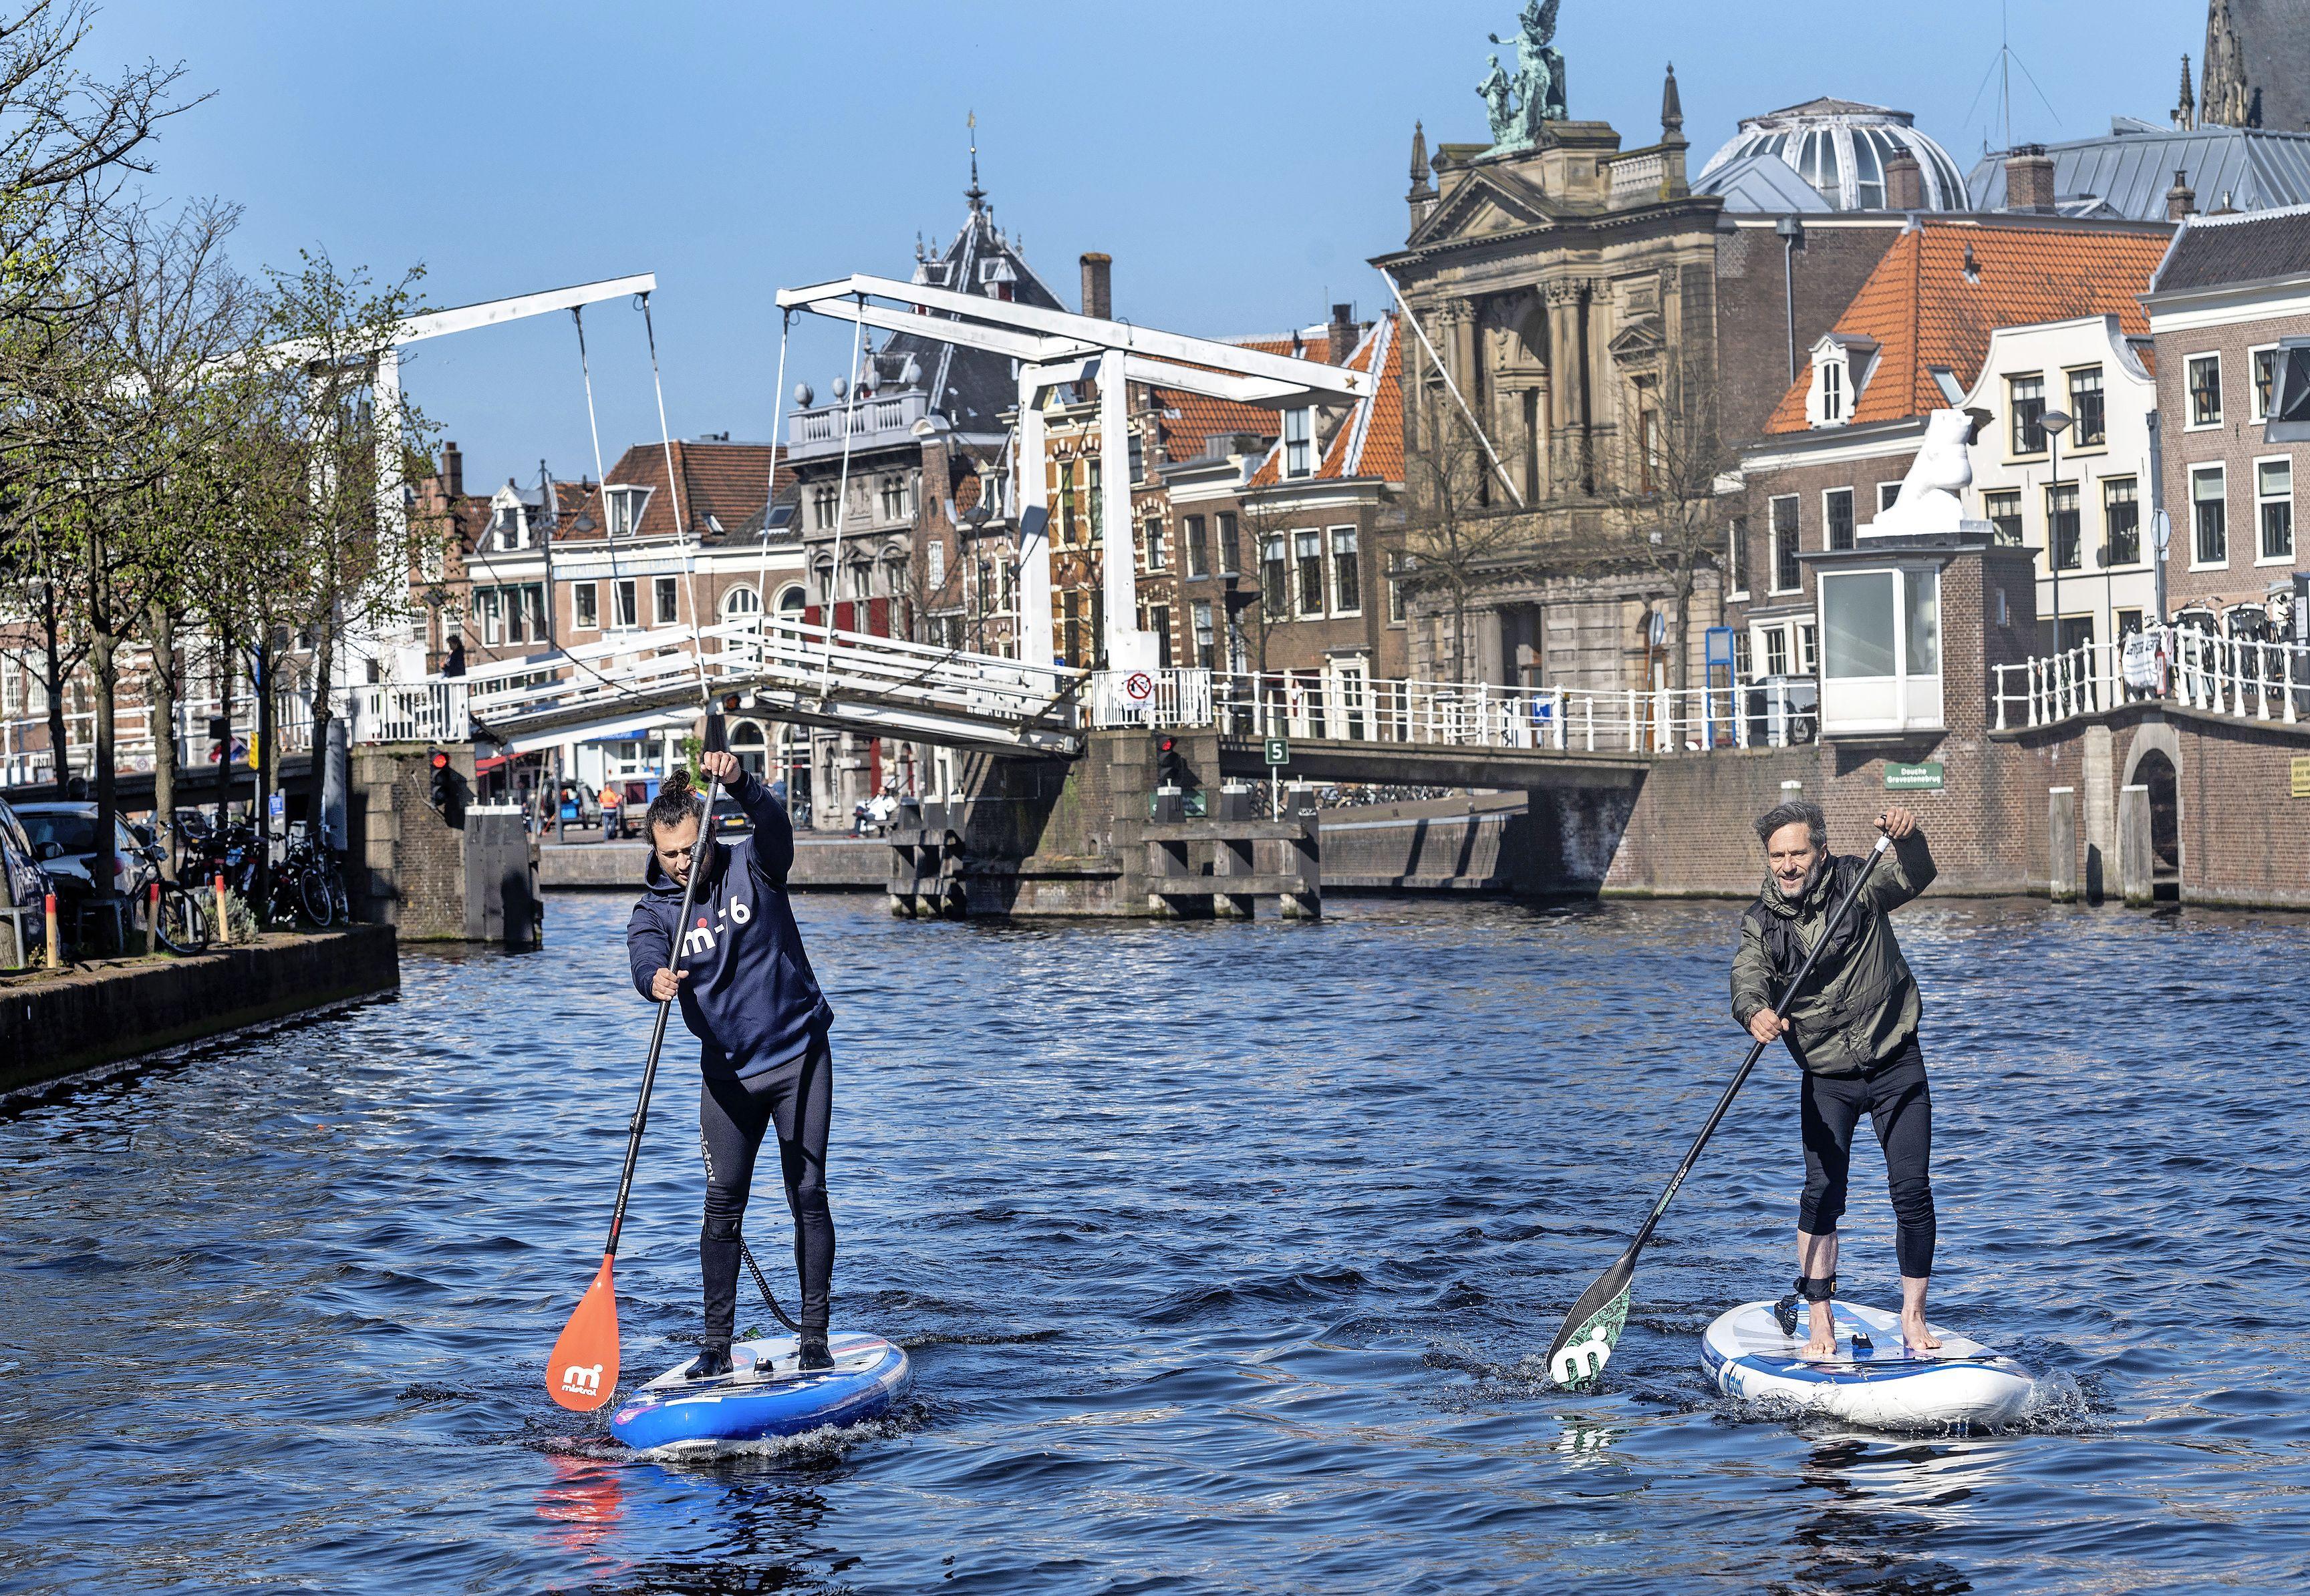 Suppen langs molen De Adriaan in Haarlem: 'Watersport geeft je een gevoel van vrijheid'